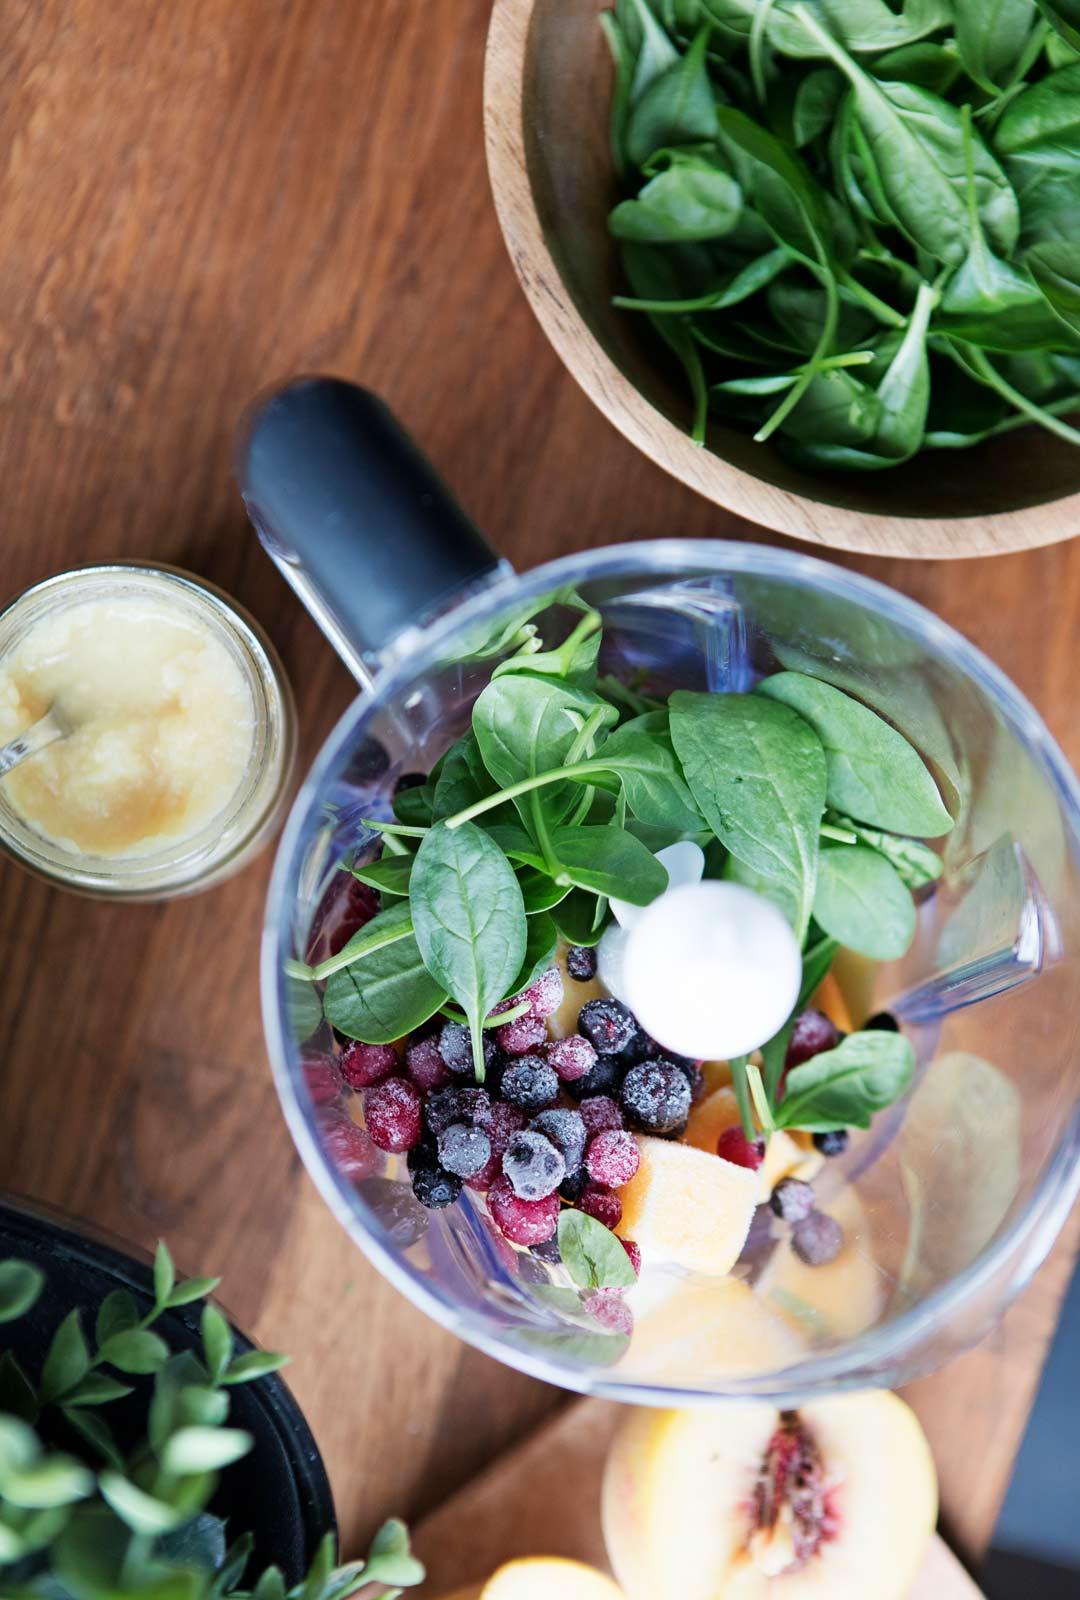 Camilla ja hänen miehensä opettelivat elämänmuutoksen myötä syömään enemmän kasvisruokaa.